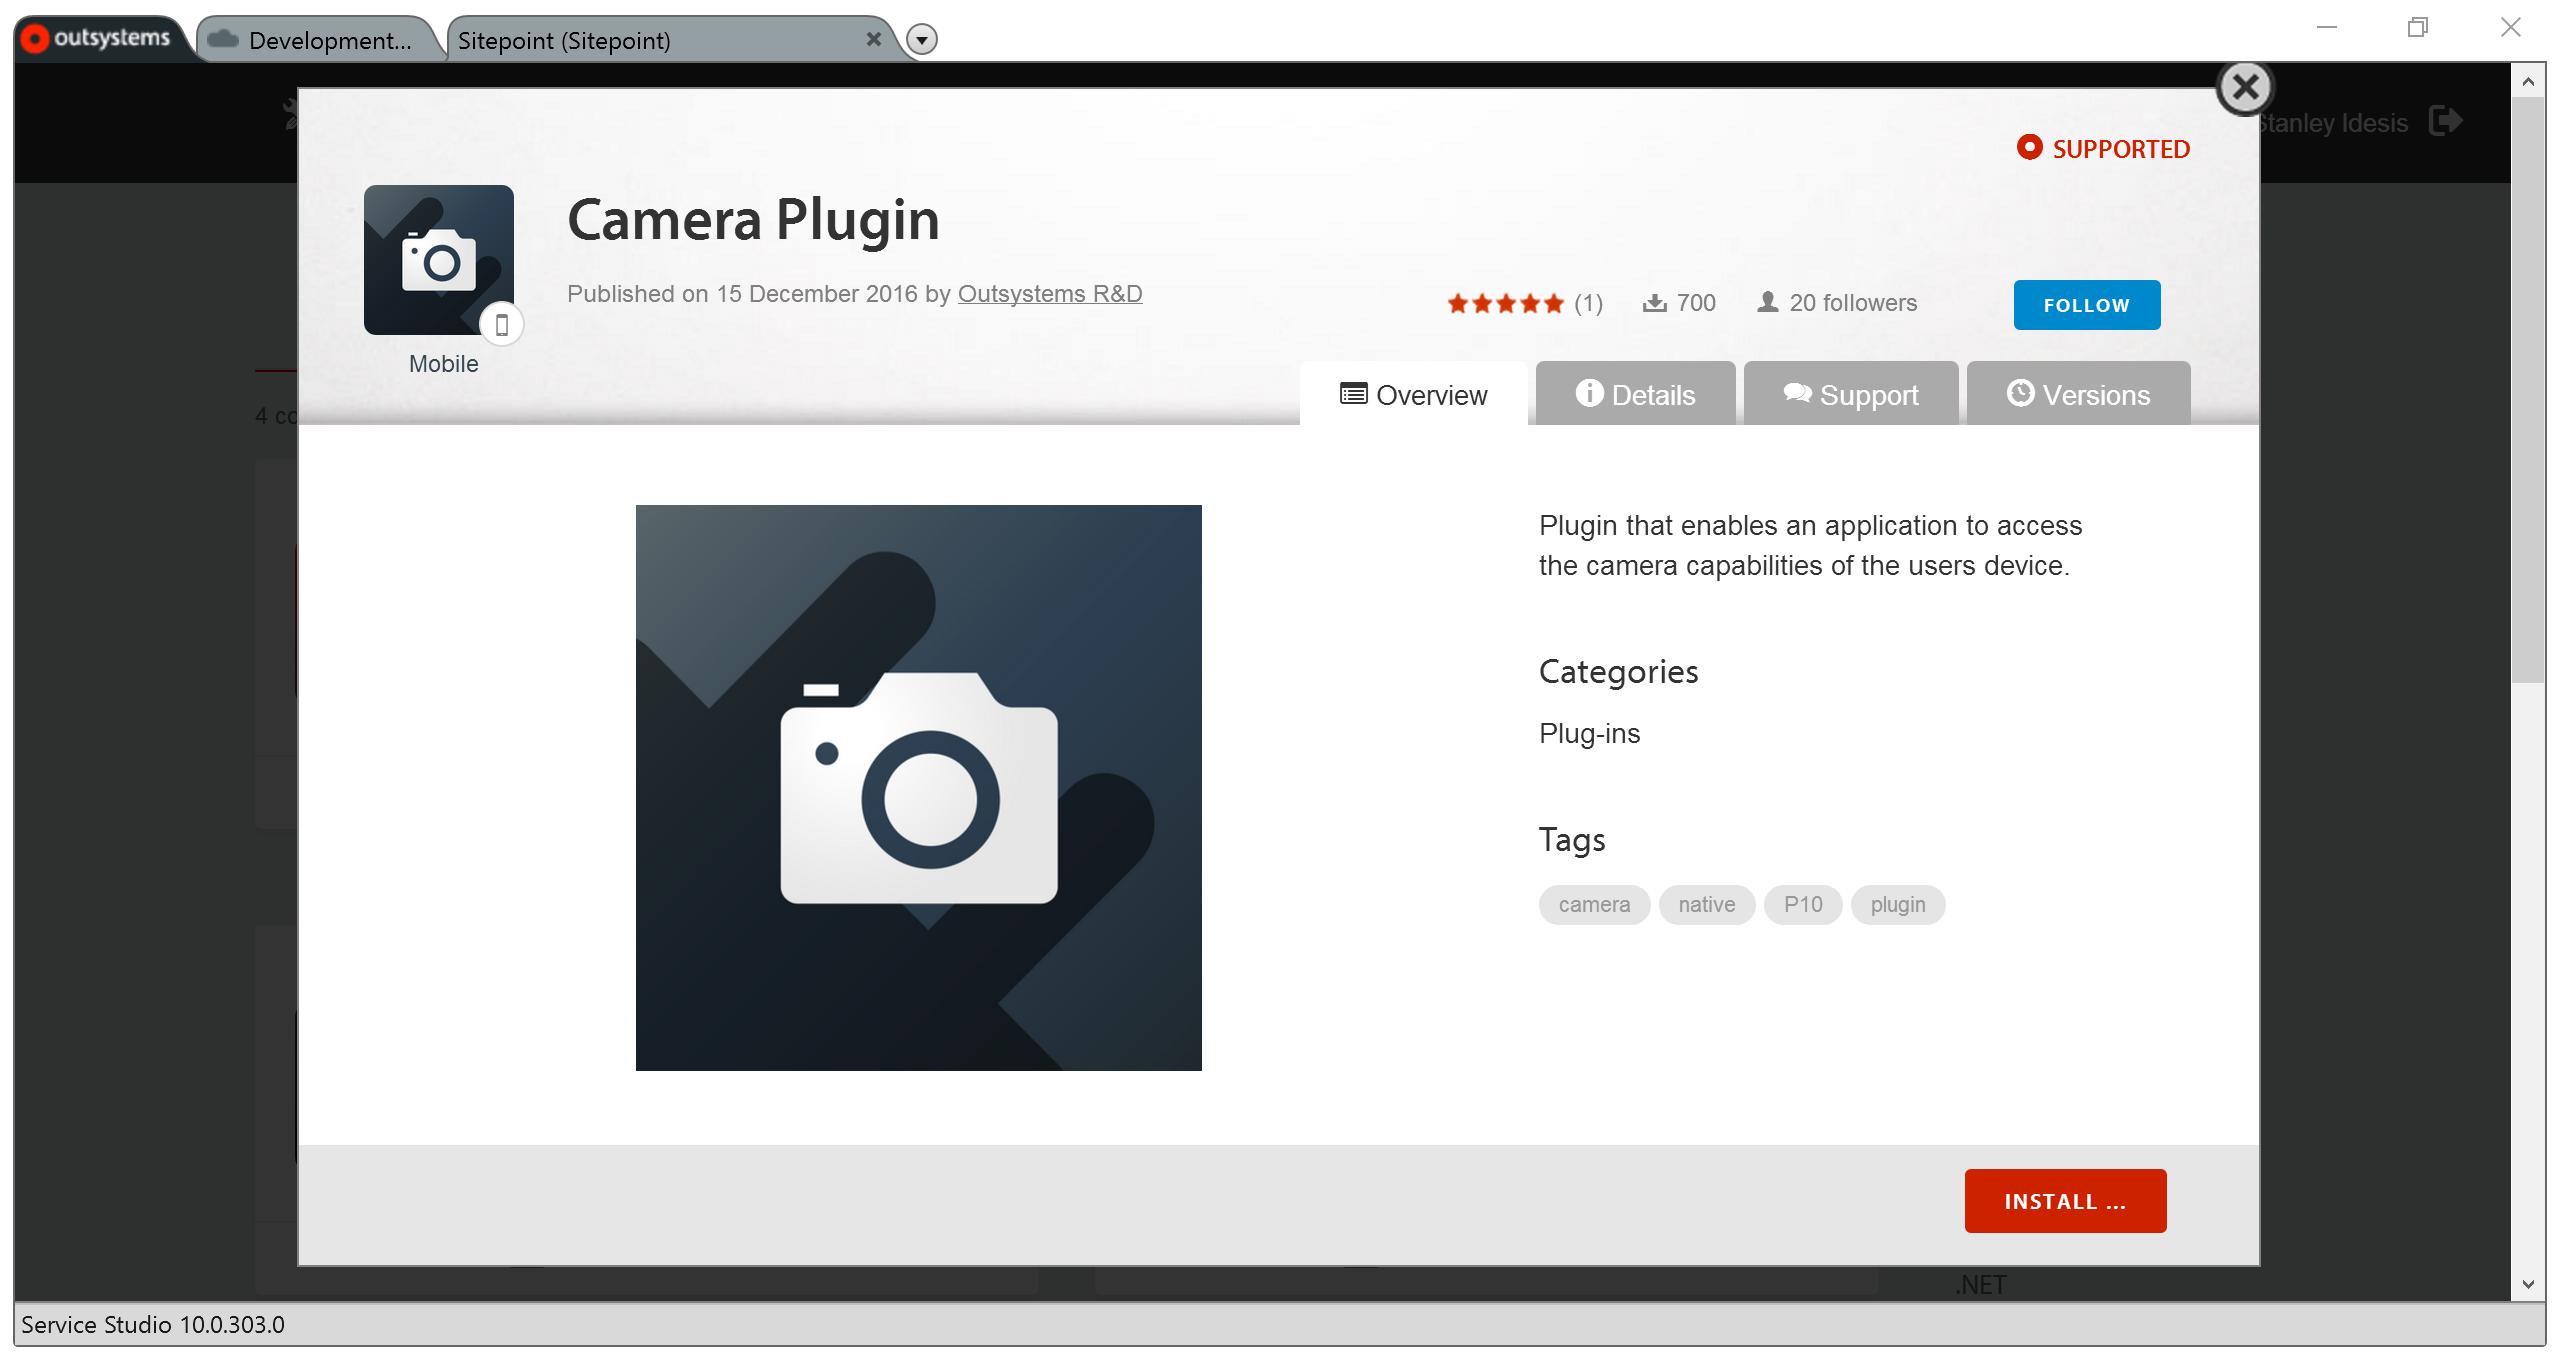 Camera Plugin